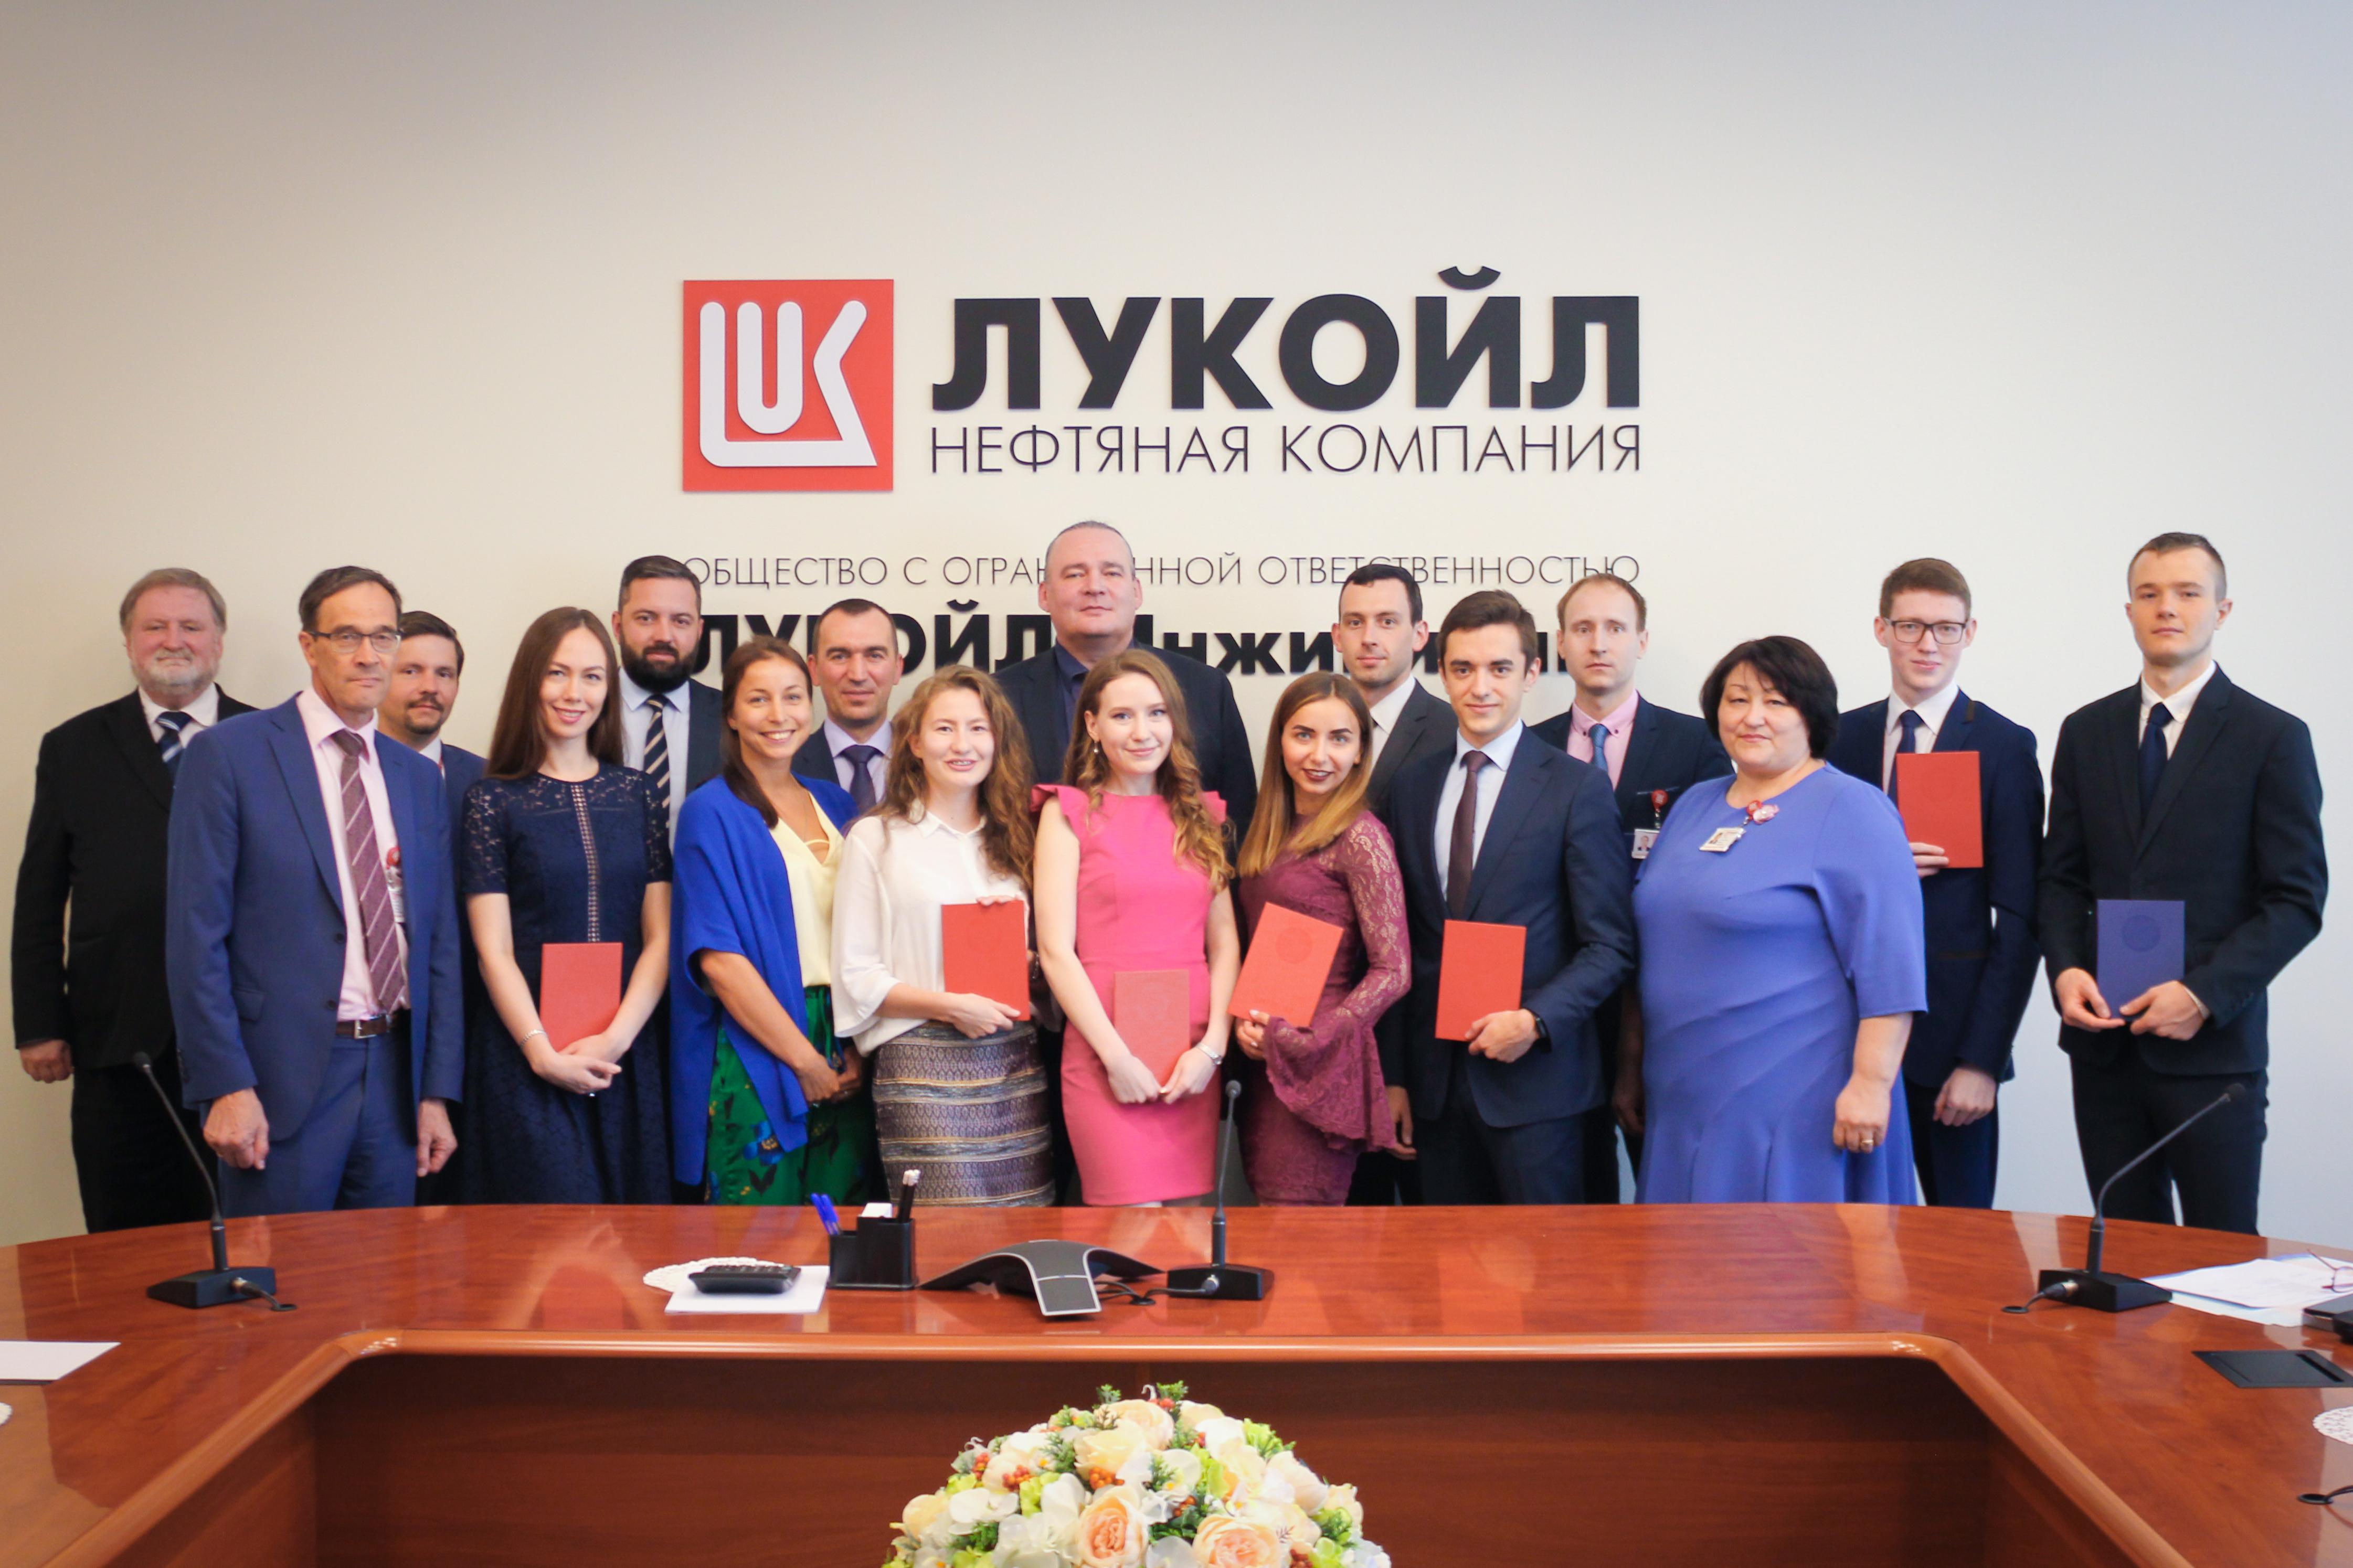 нефтяные компании москвы вакансии бухгалтера